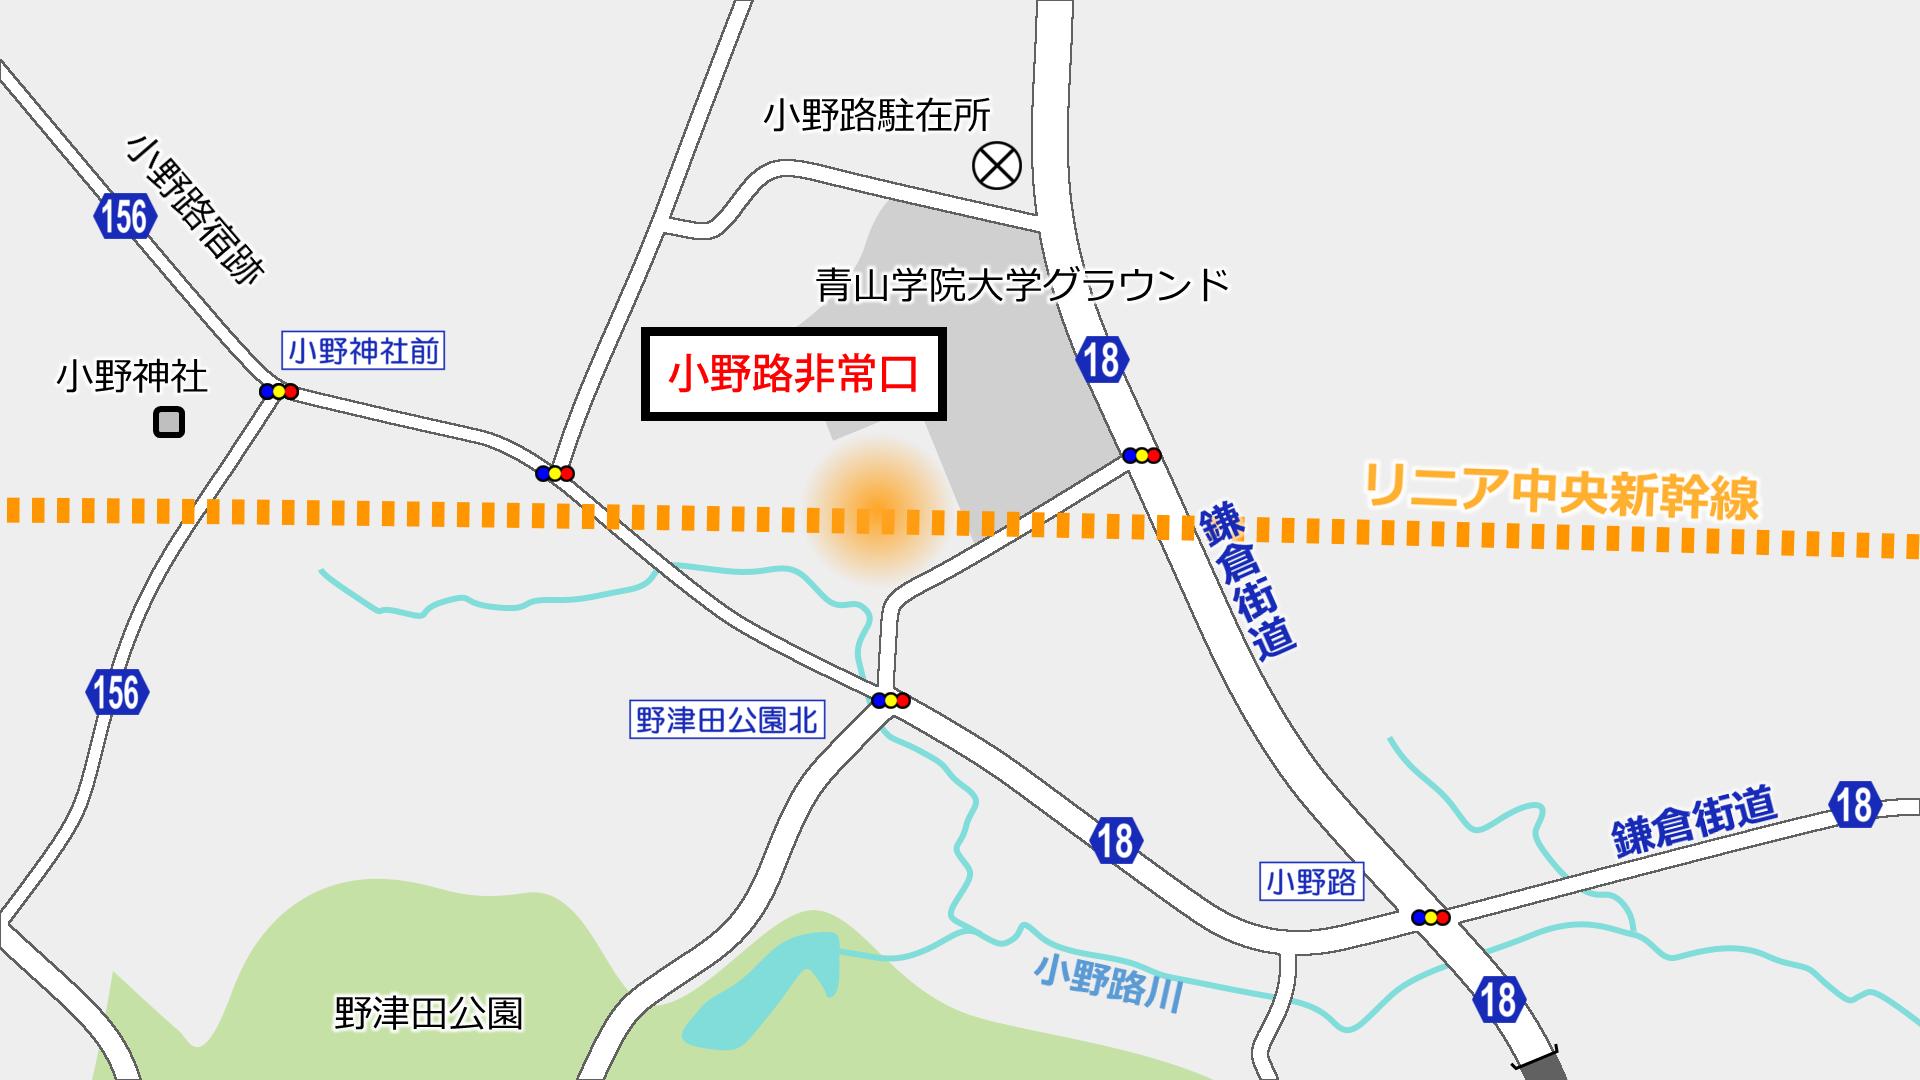 リニア中央新幹線 町田市小野路非常口に円形の構造物が出現?_a0332275_00595649.png